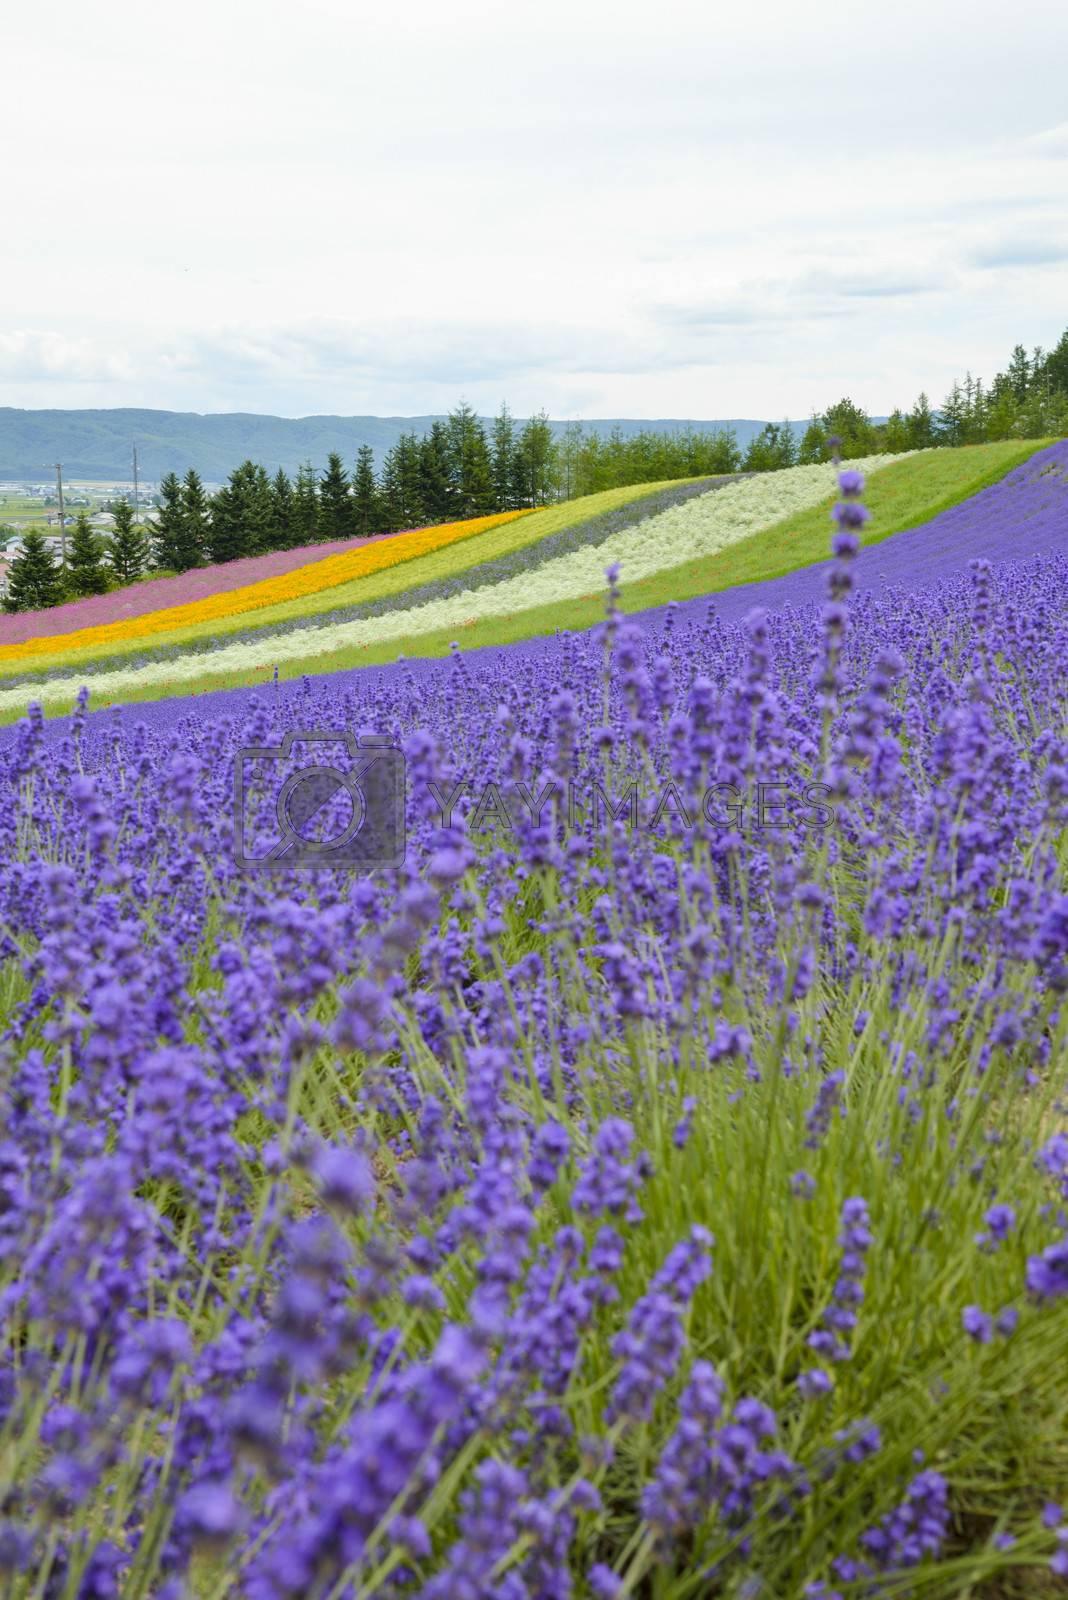 Lavender farm in Japan5 by gjeerawut